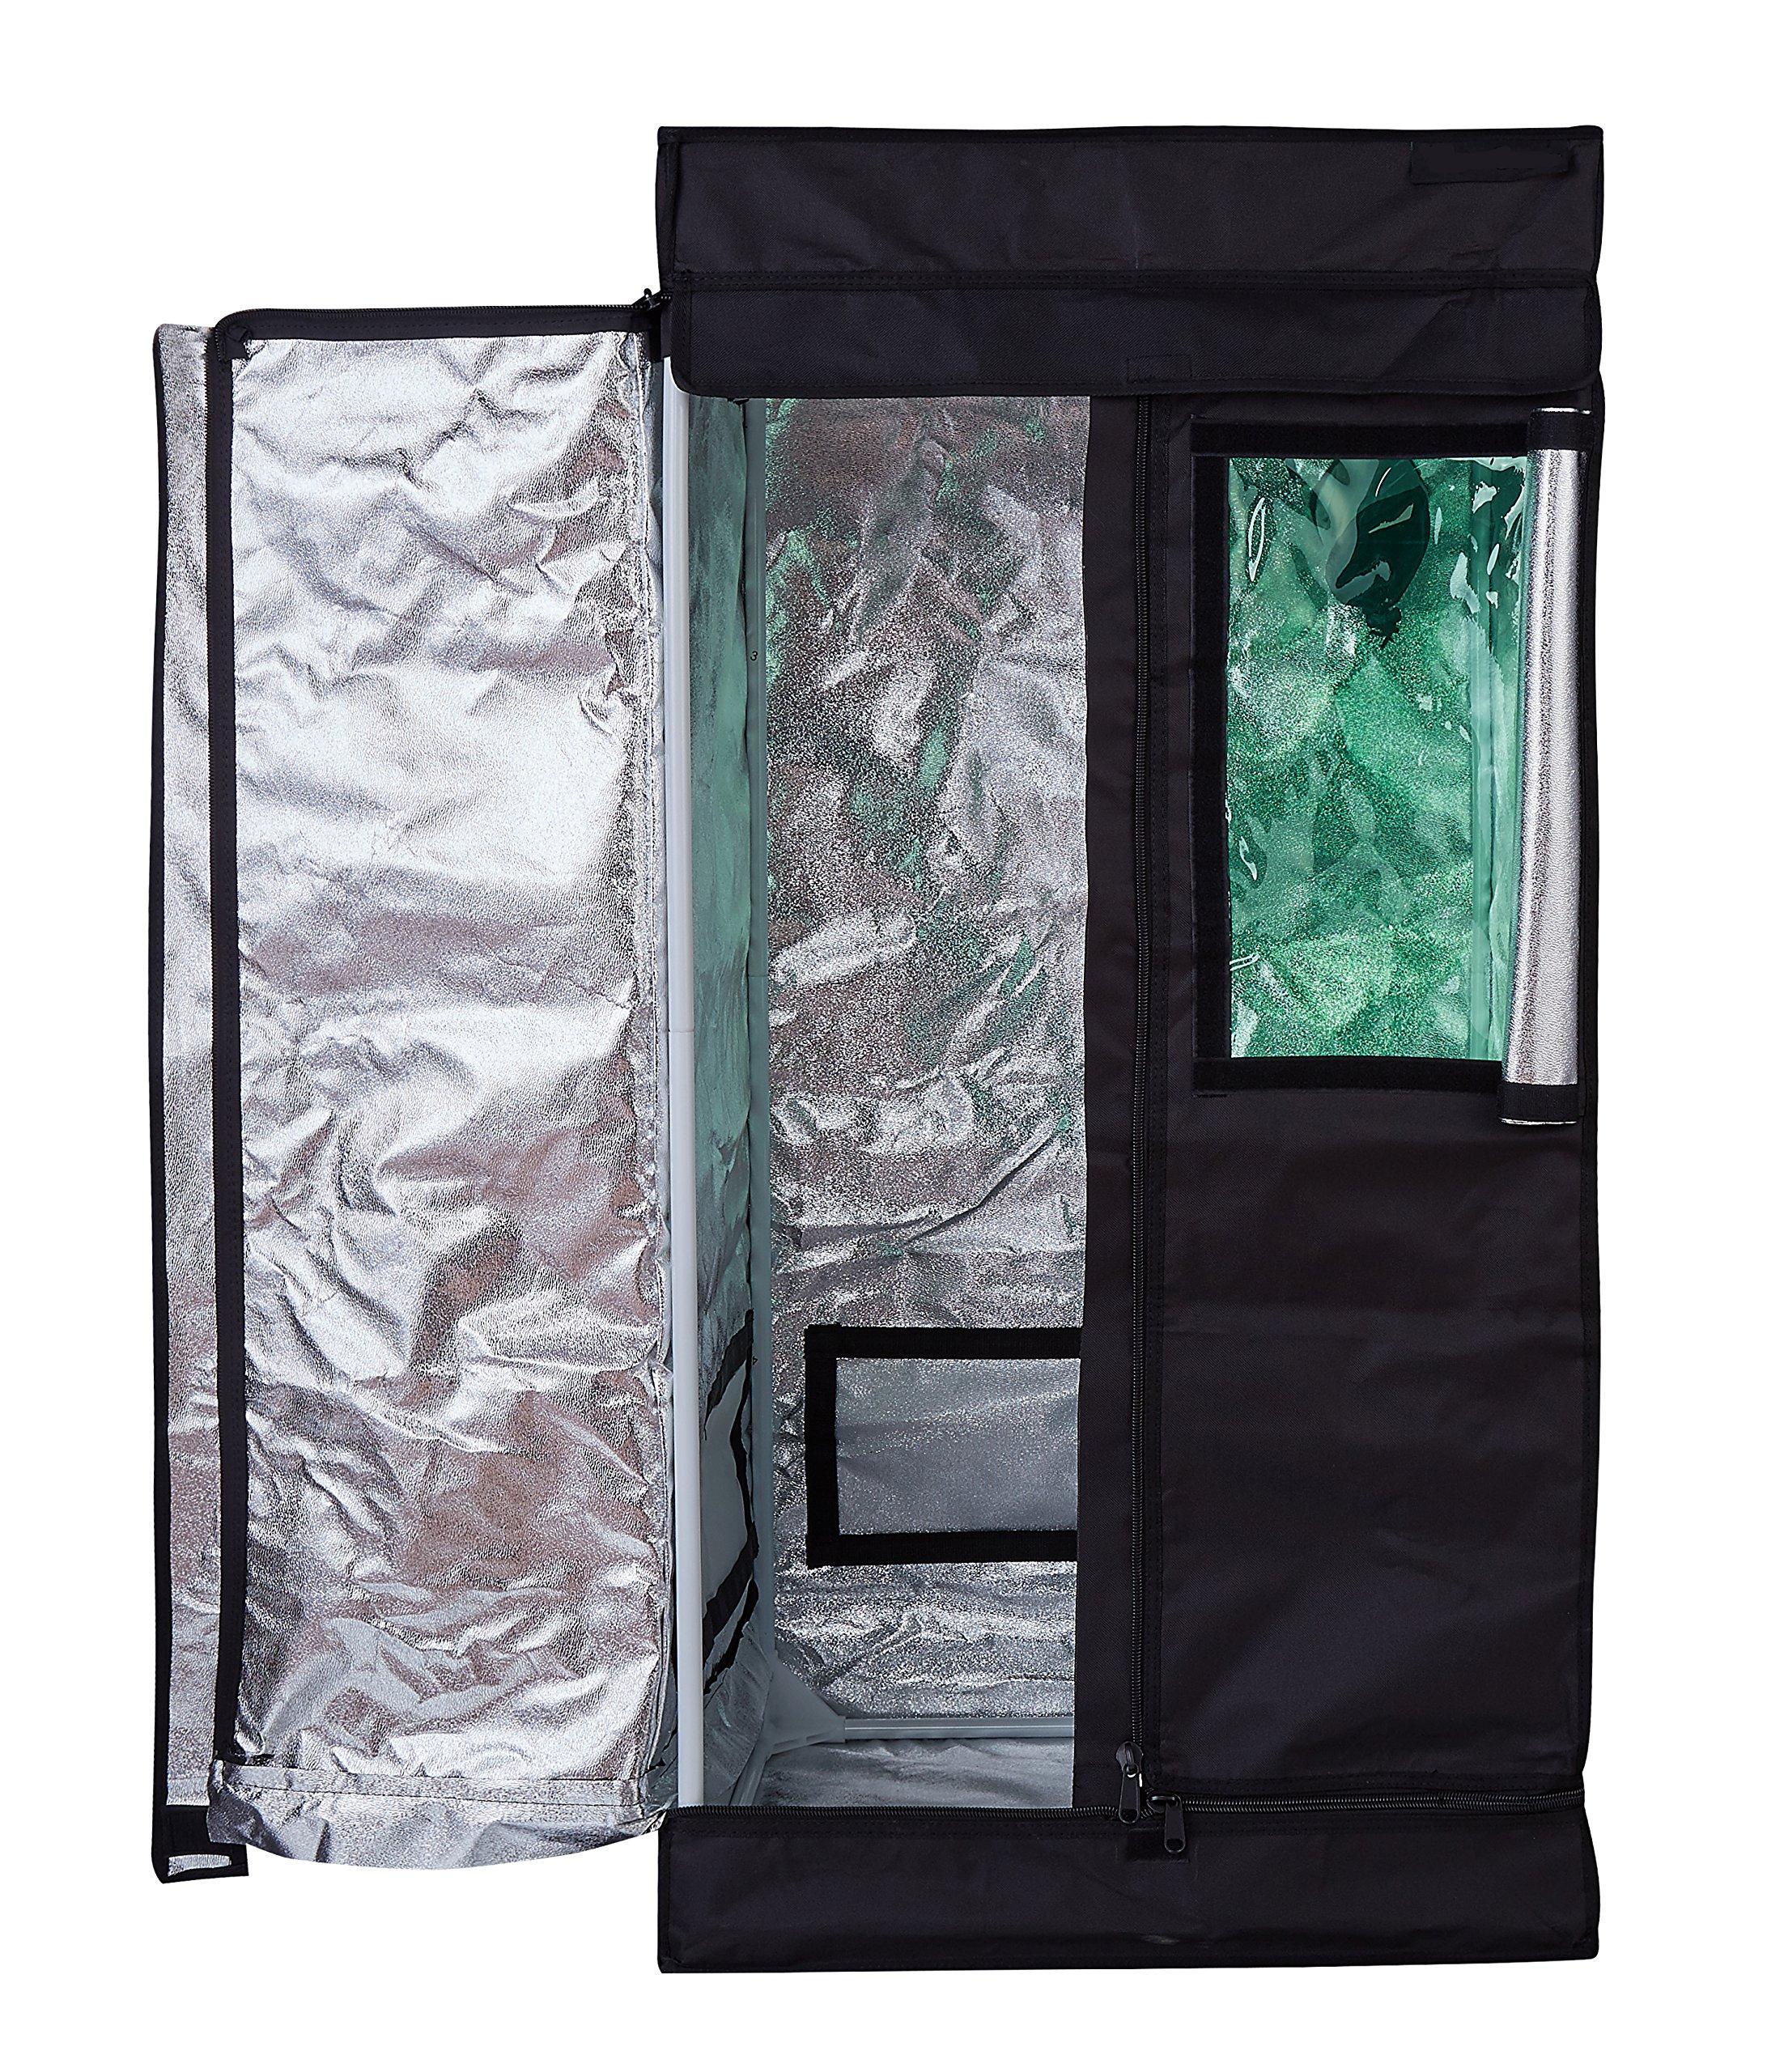 Hongruilite 24''x24''x48'' 36''x20''x63'' 32''x32''x63'' 48''x24''x60'' 48''x24''x72'' 48''x48''x78'' 96''x48''x78'' Hydroponic Indoor Grow Tent Room w/Plastic Corner (24''X24''X48'' w/Green Window)